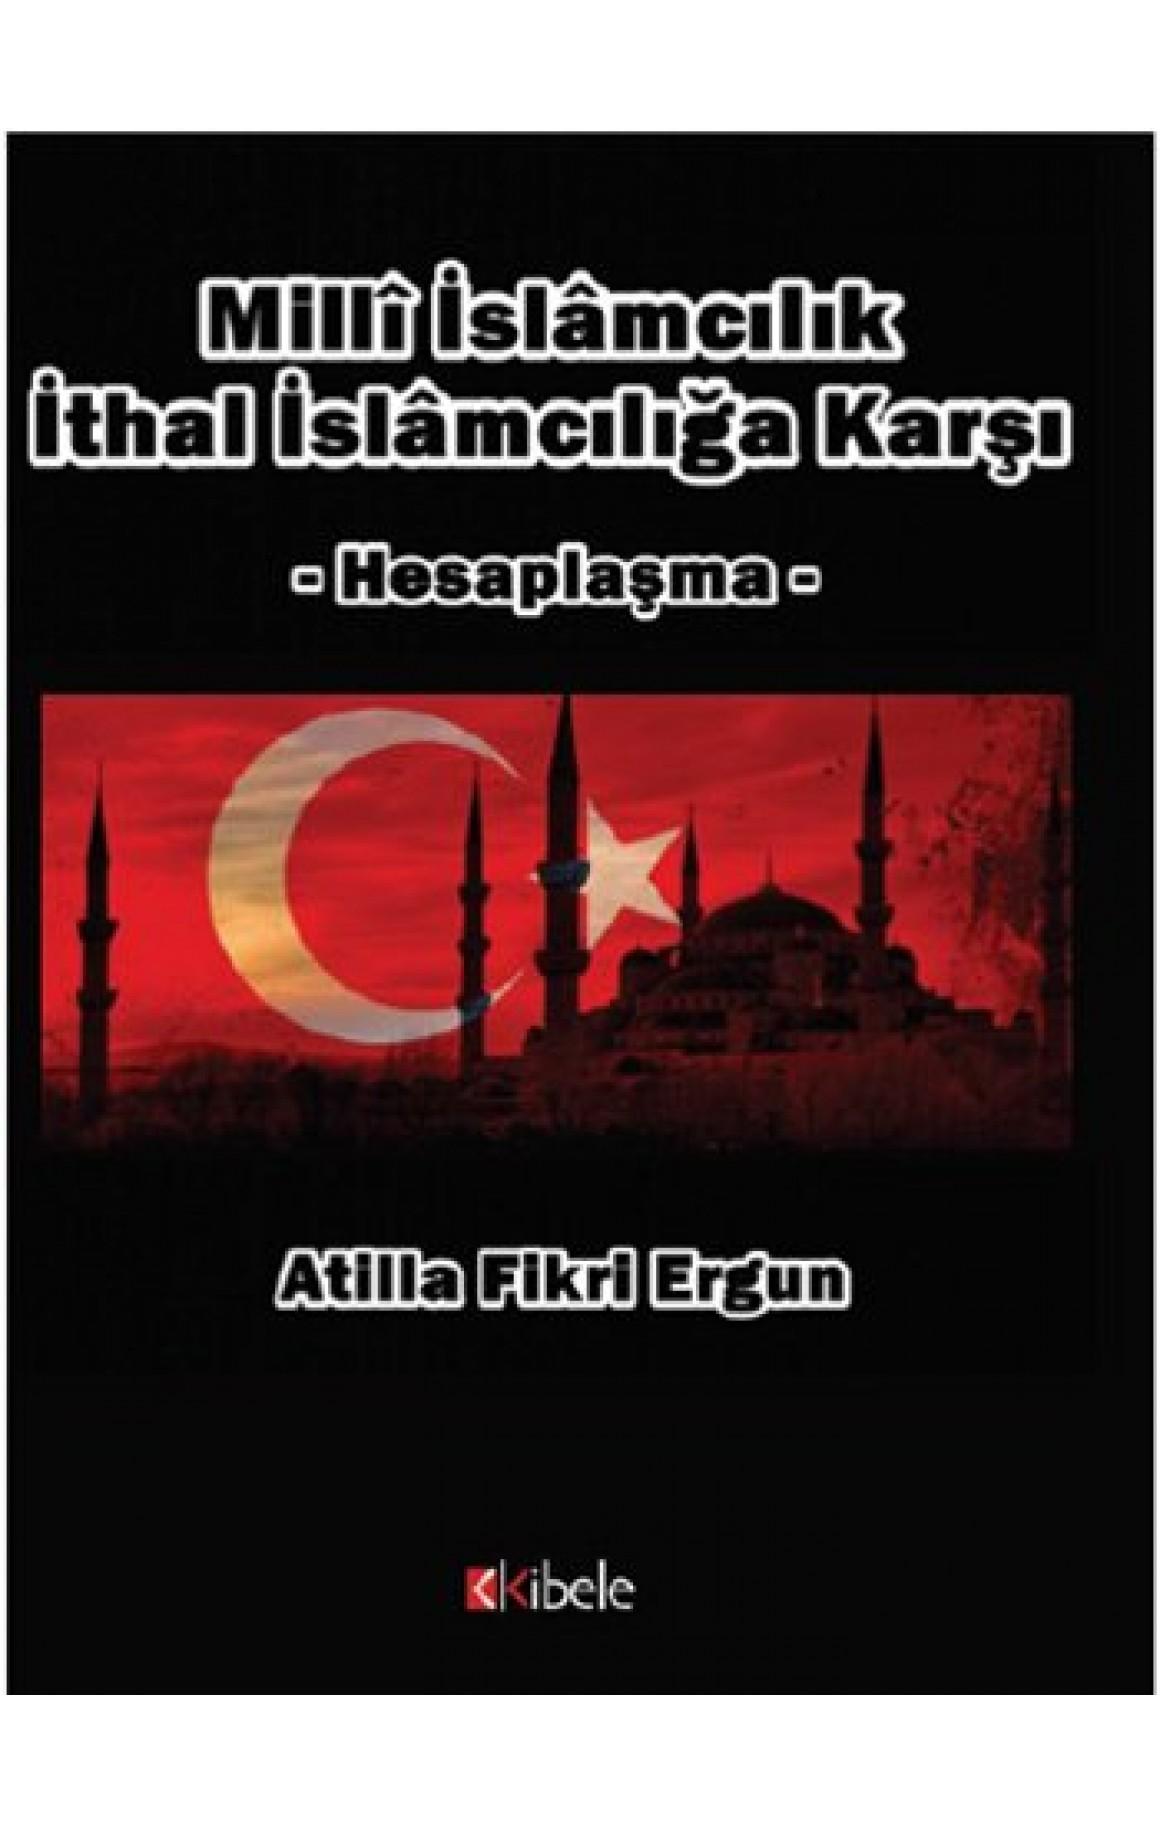 Milli İslamcılık İthal İslamcılığa Karşı Hesaplaşma